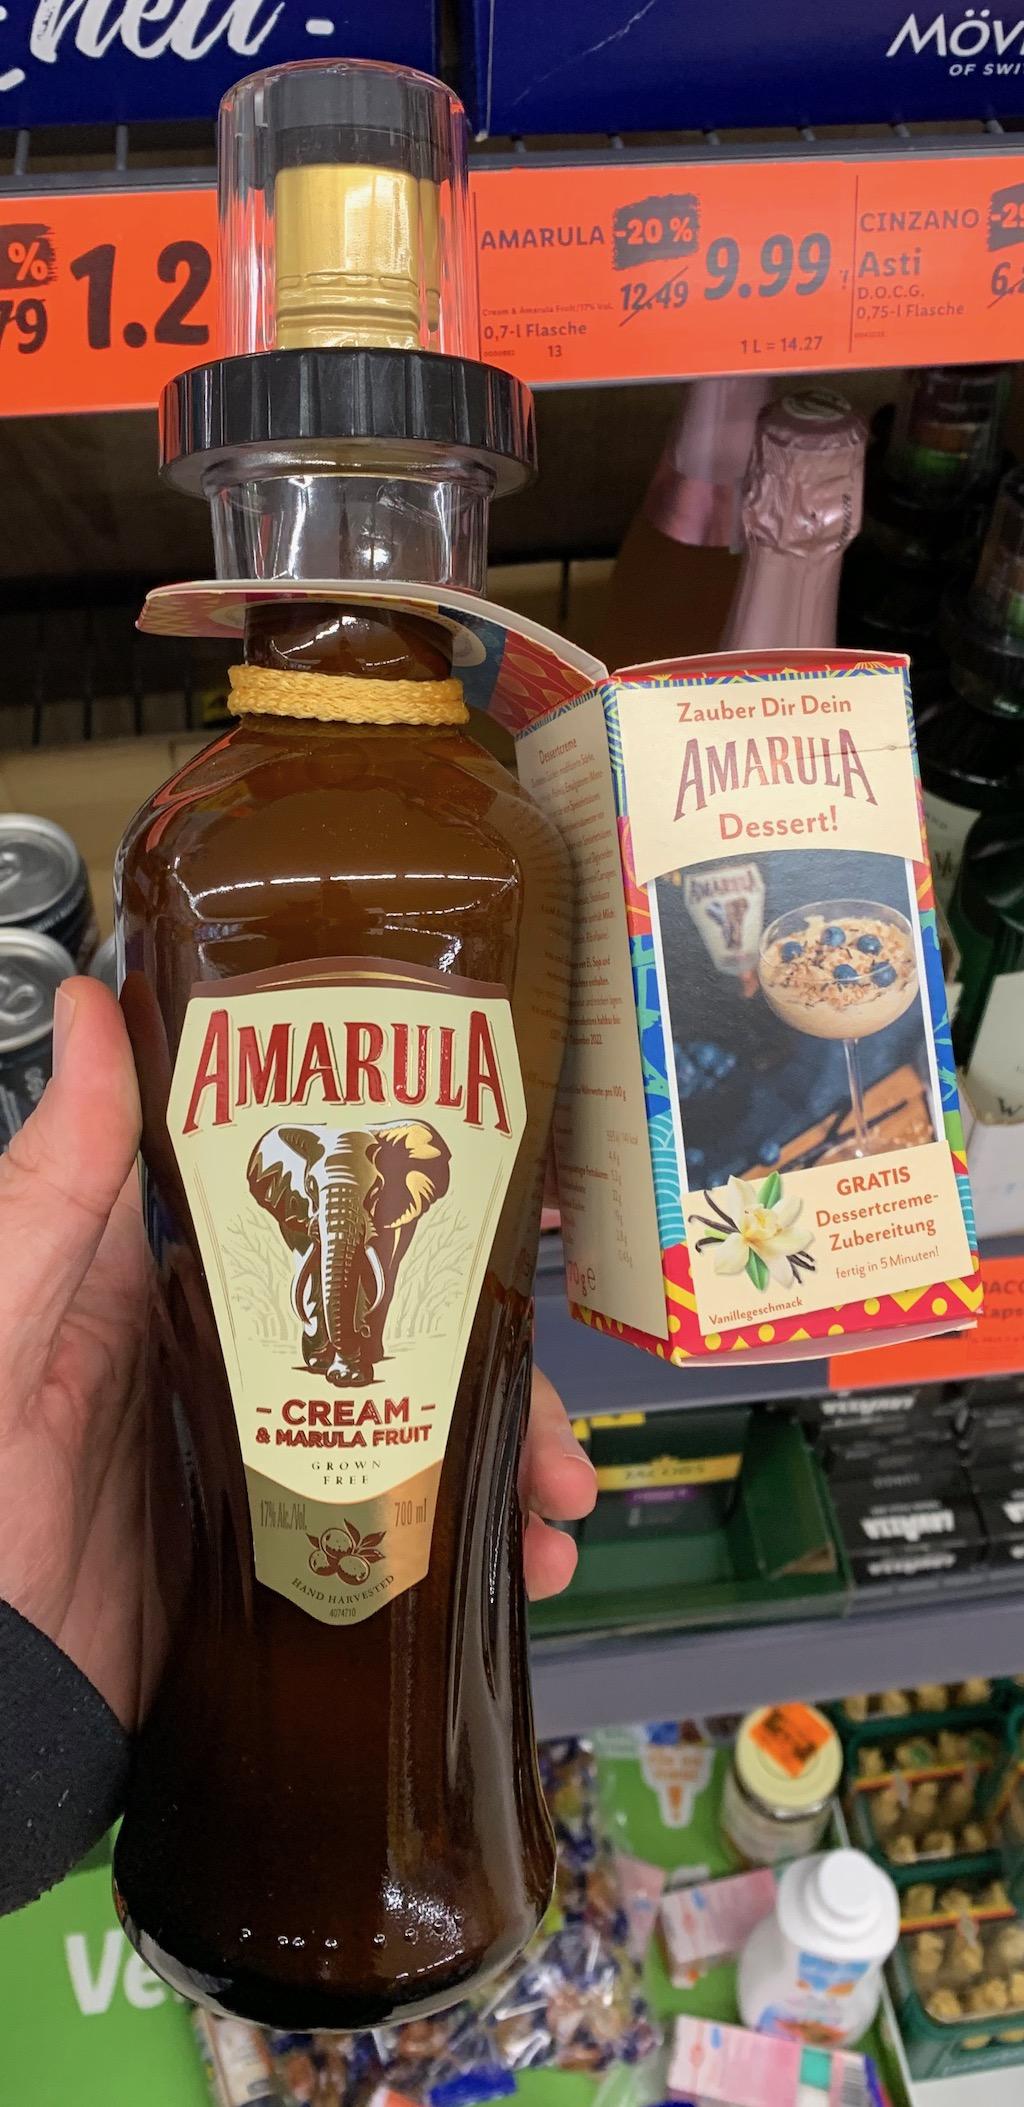 Amarula mit Gratis-Dessertzubereitung